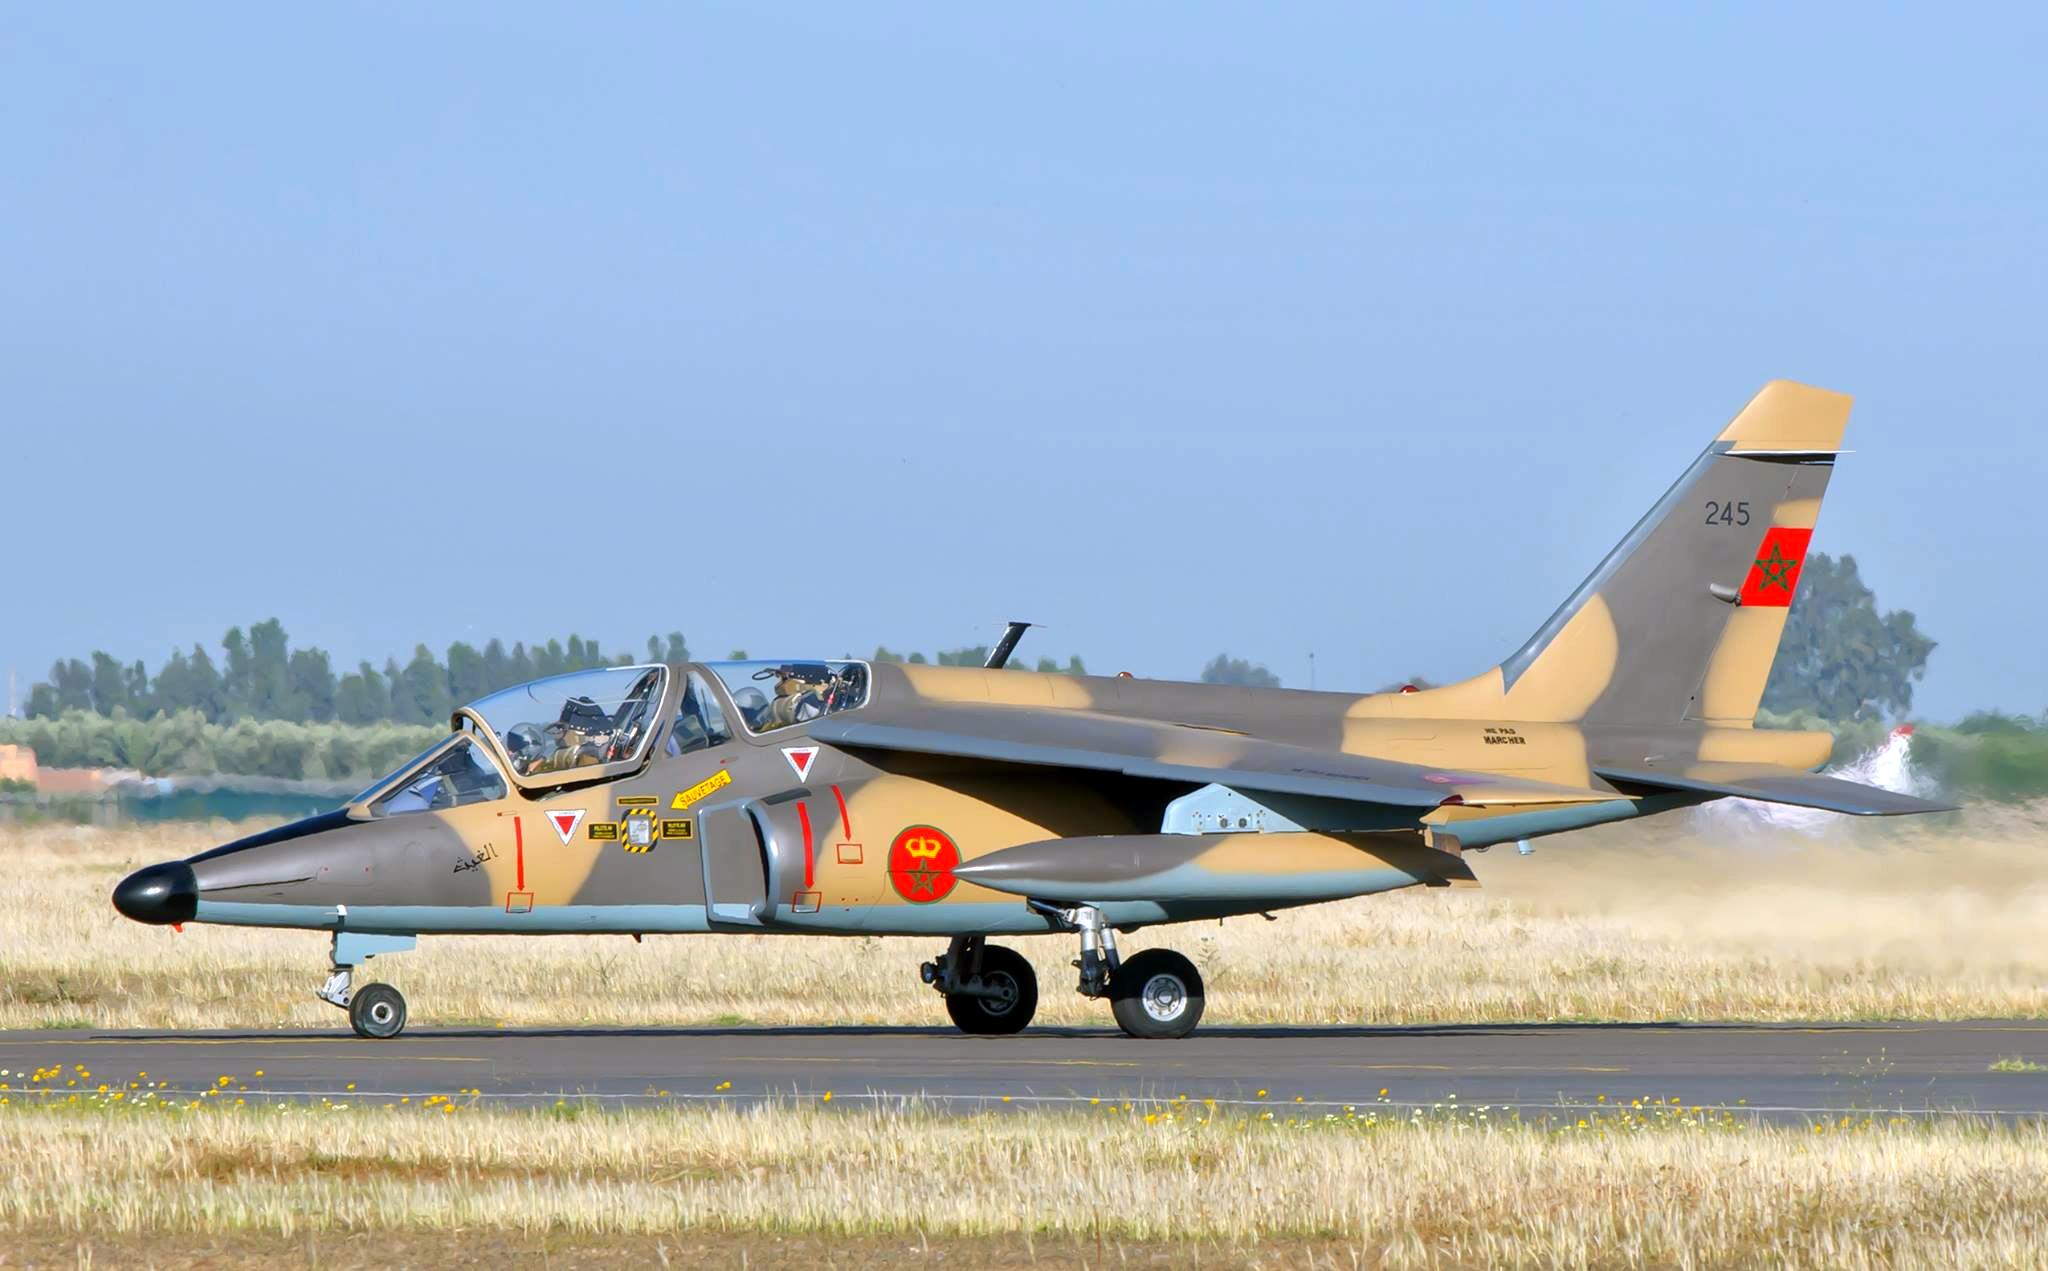 القوات الجوية الملكية المغربية - متجدد - - صفحة 2 160201062639915264